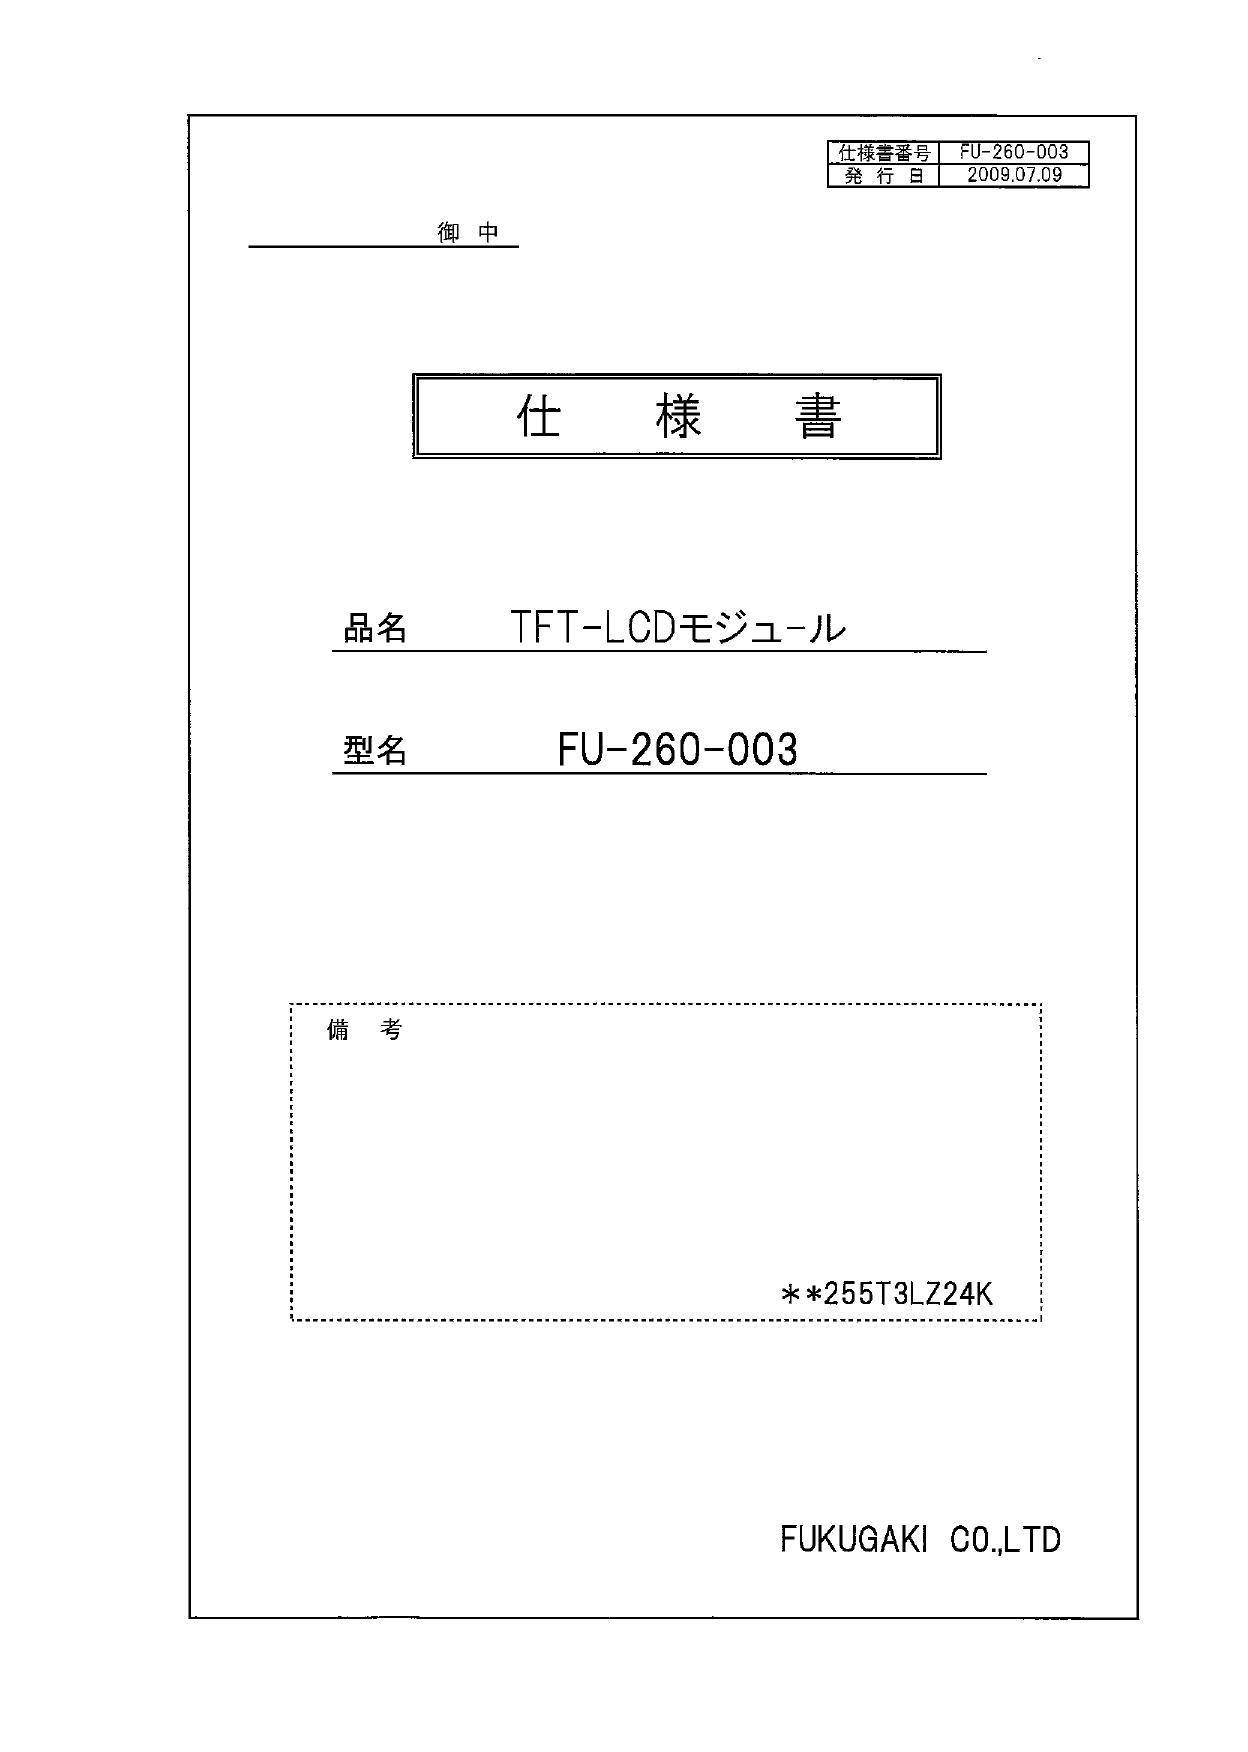 FU-260-003 Datenblatt PDF